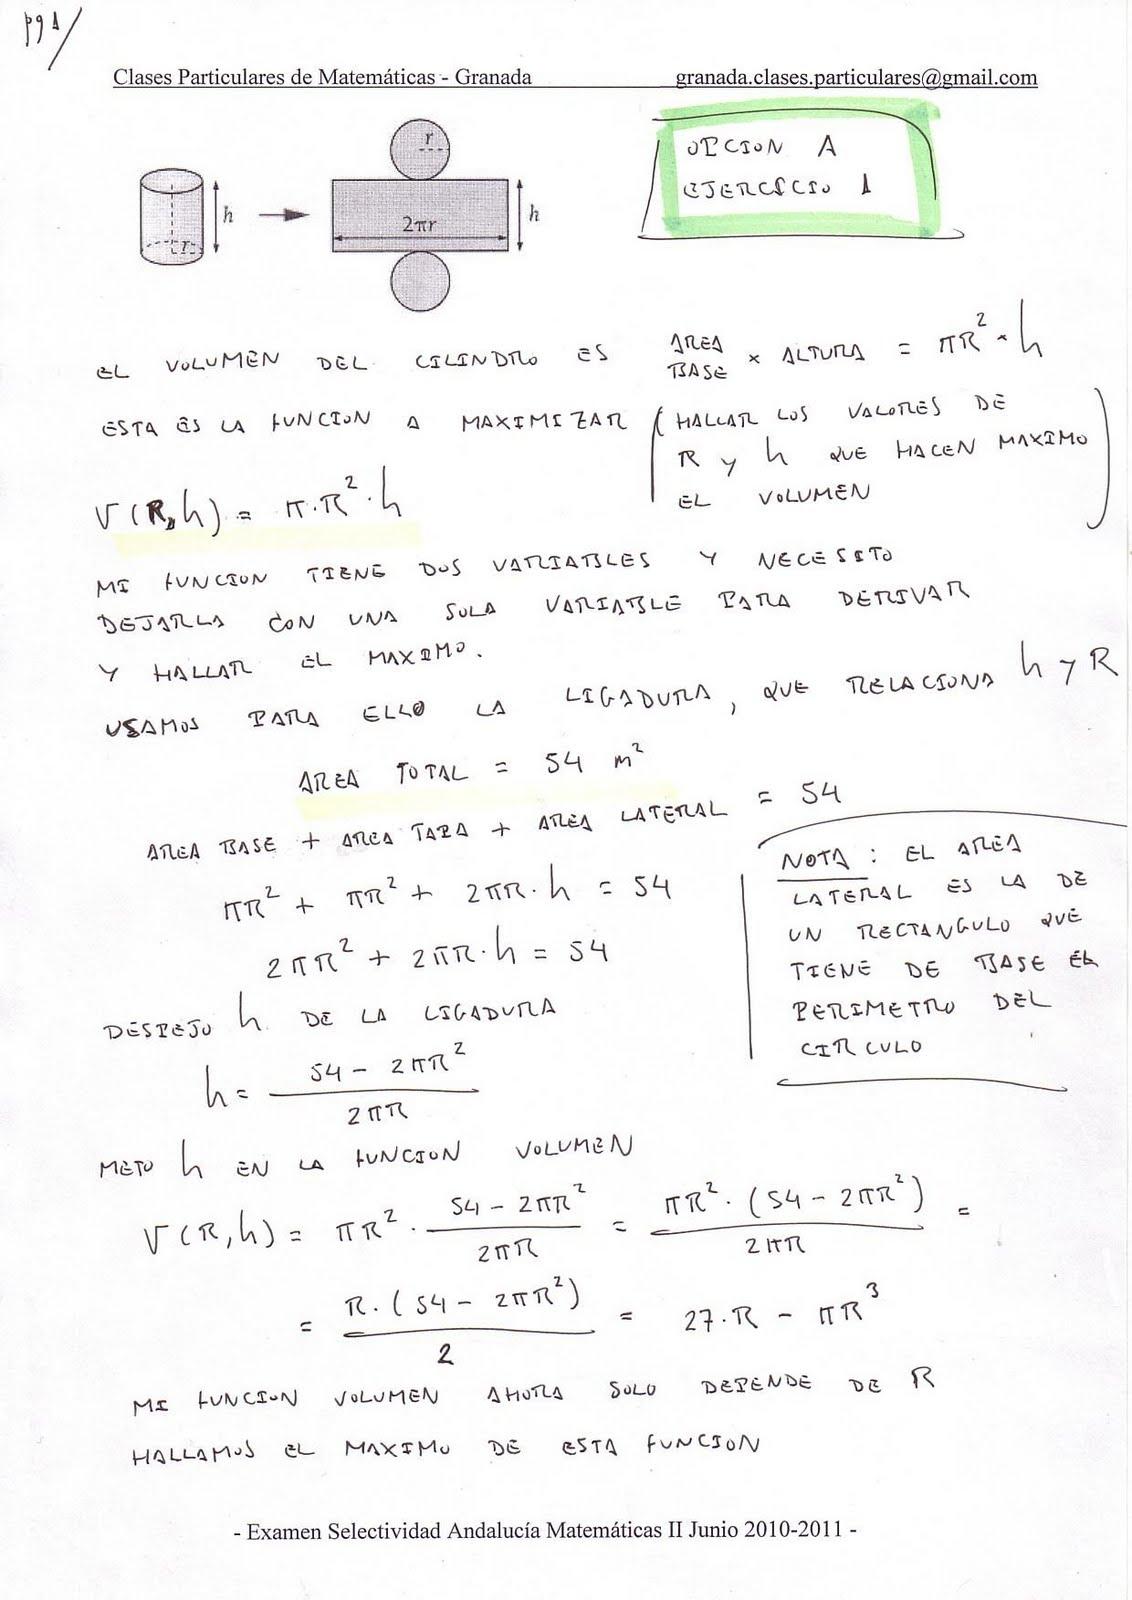 Examen resuelto corregido selectividad matematicas ii andalucia junio